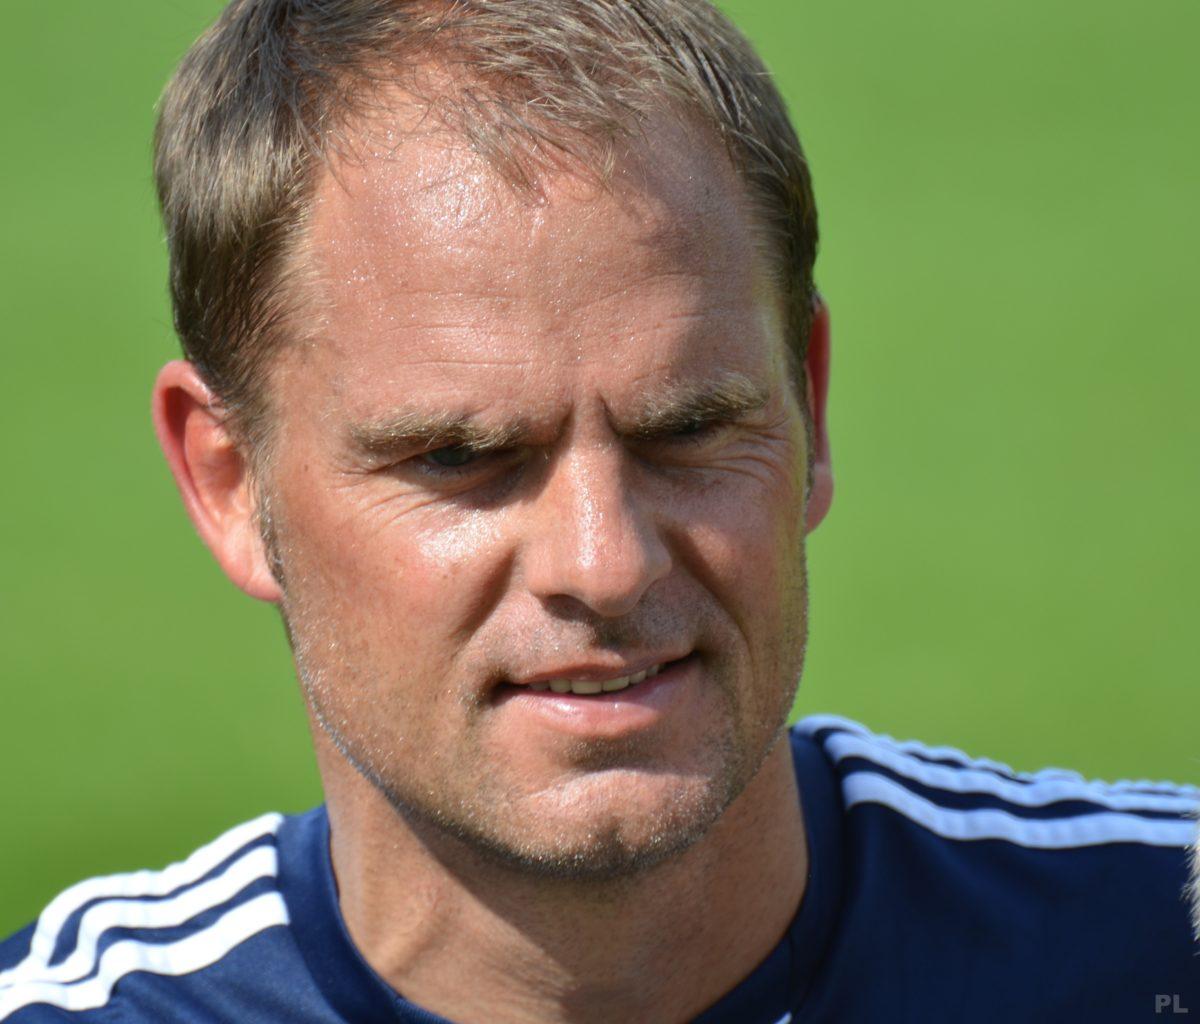 De Boer nie okazał się mediolańskim Hasim. Inter we wspaniałym stylu ogrywa Juventus w Derby d'Italia.